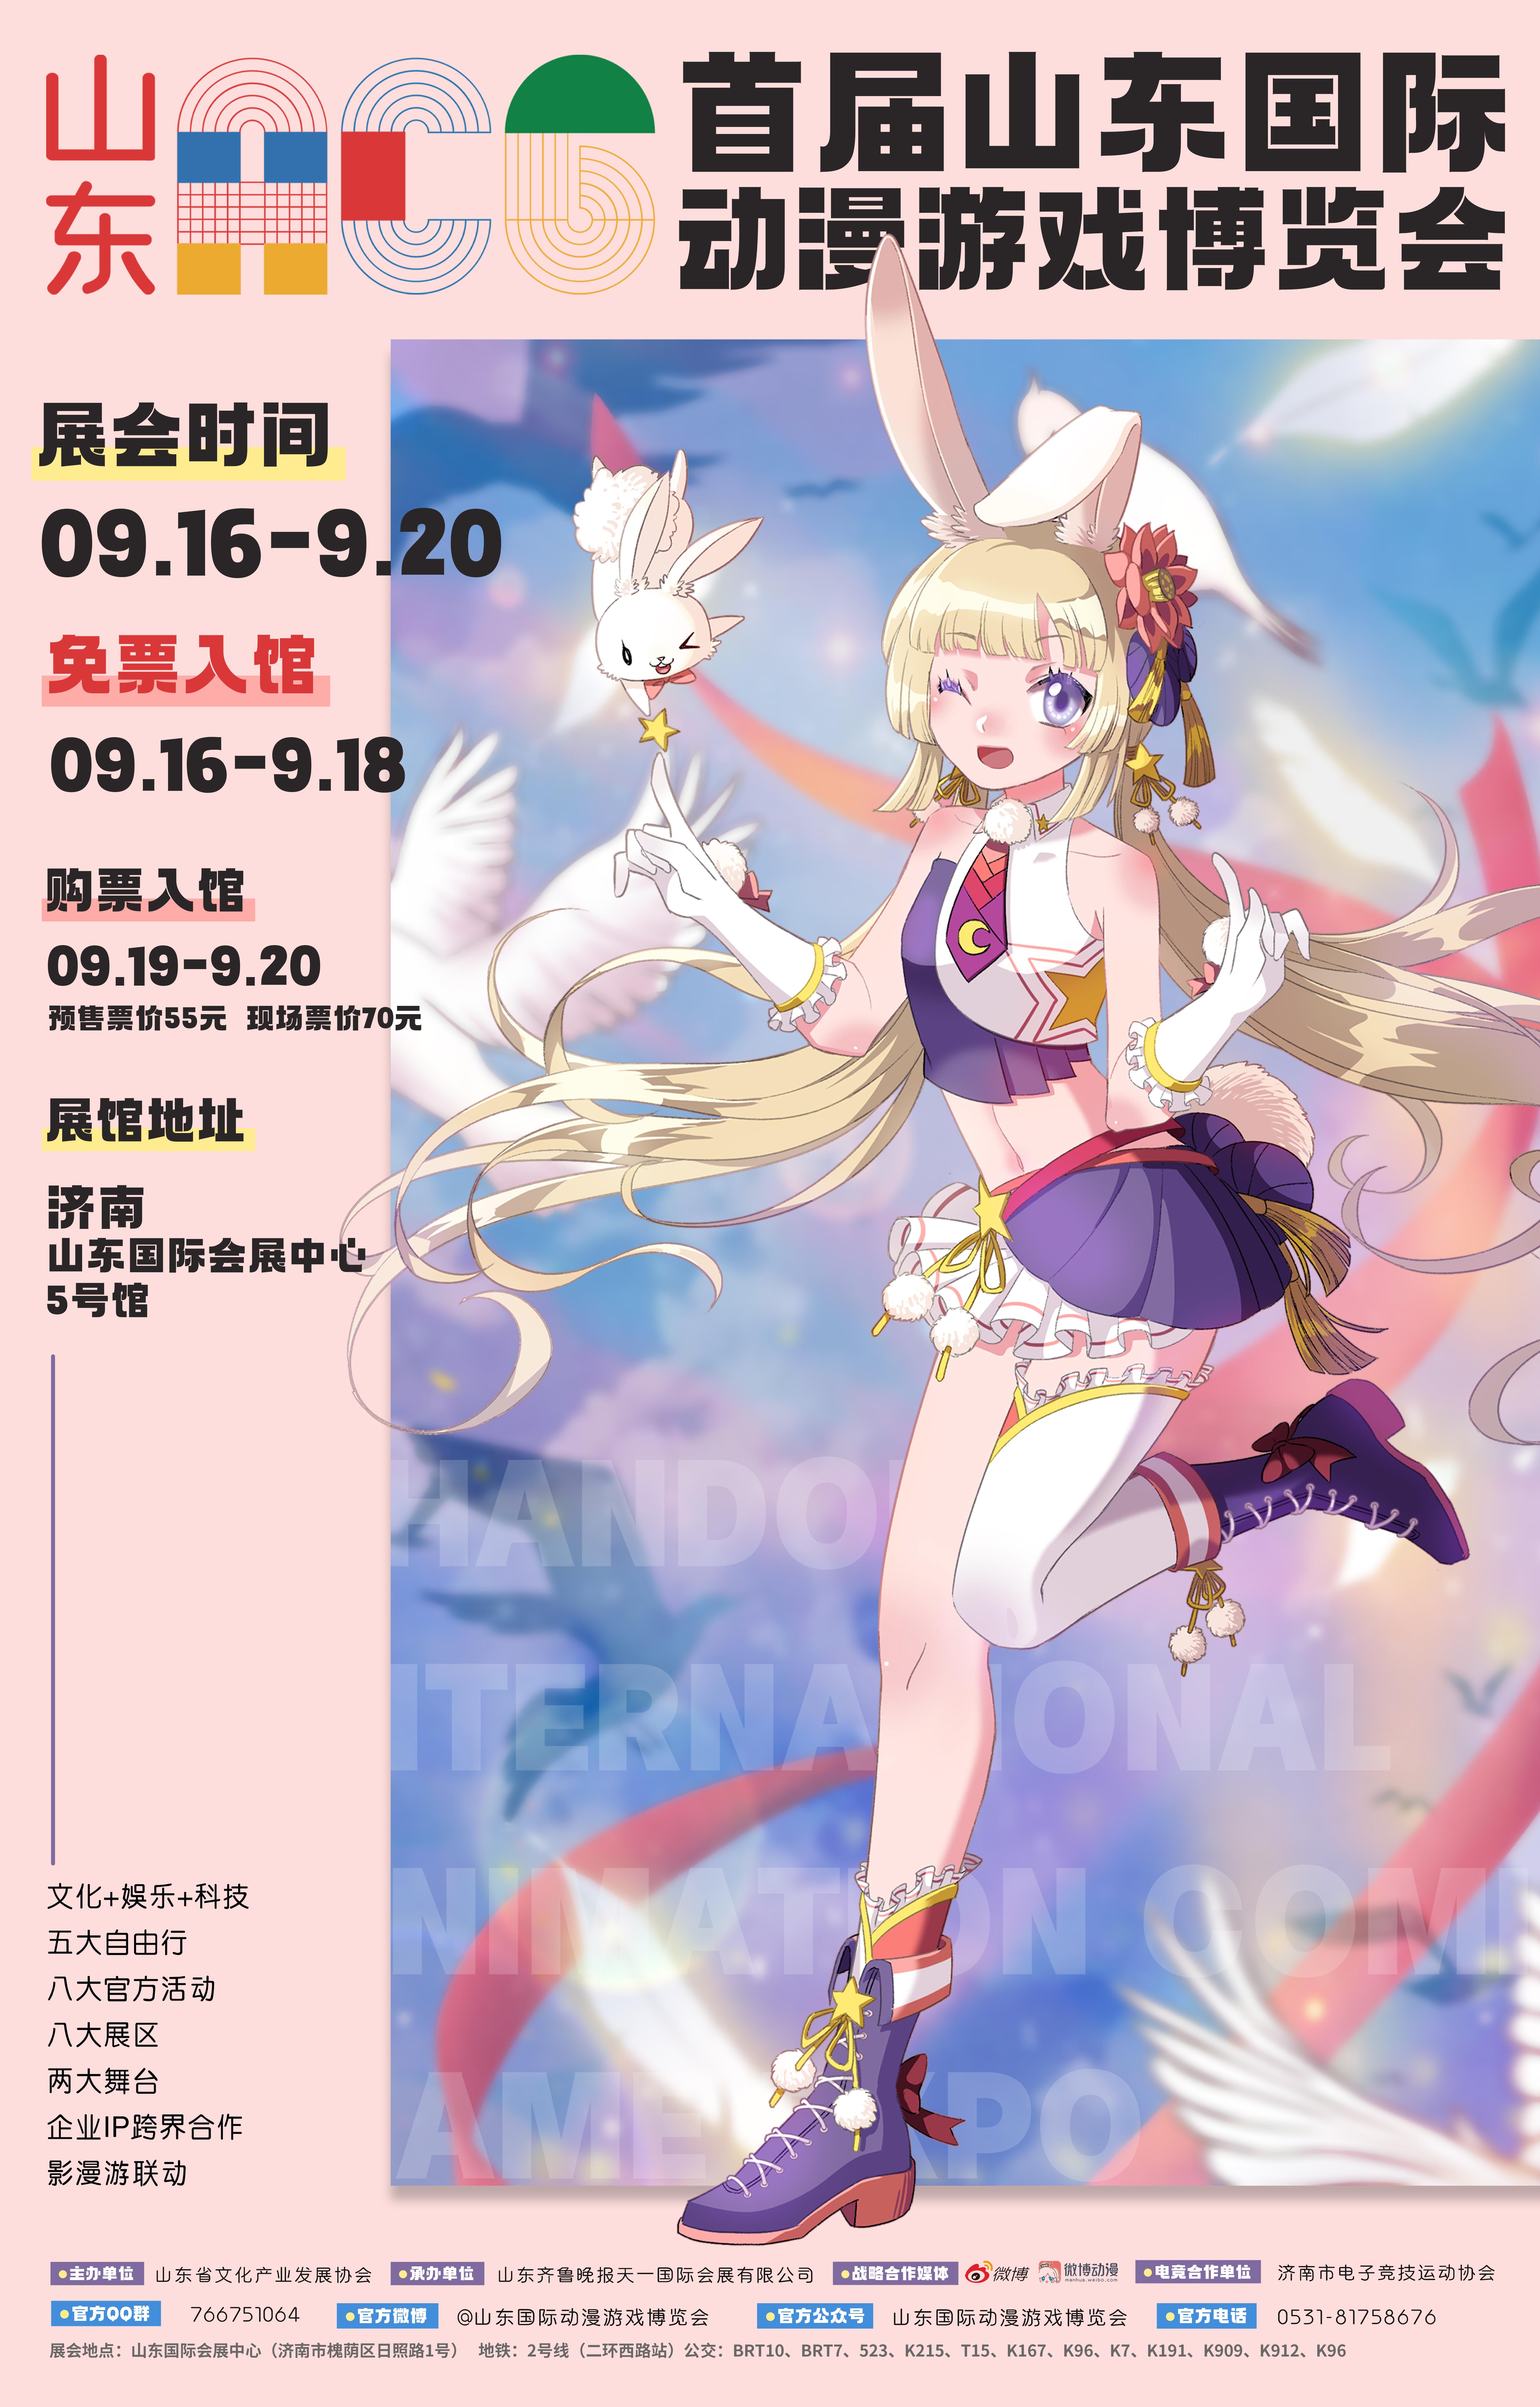 2021济南漫展 首届山东国际动漫游戏博览会即将开幕